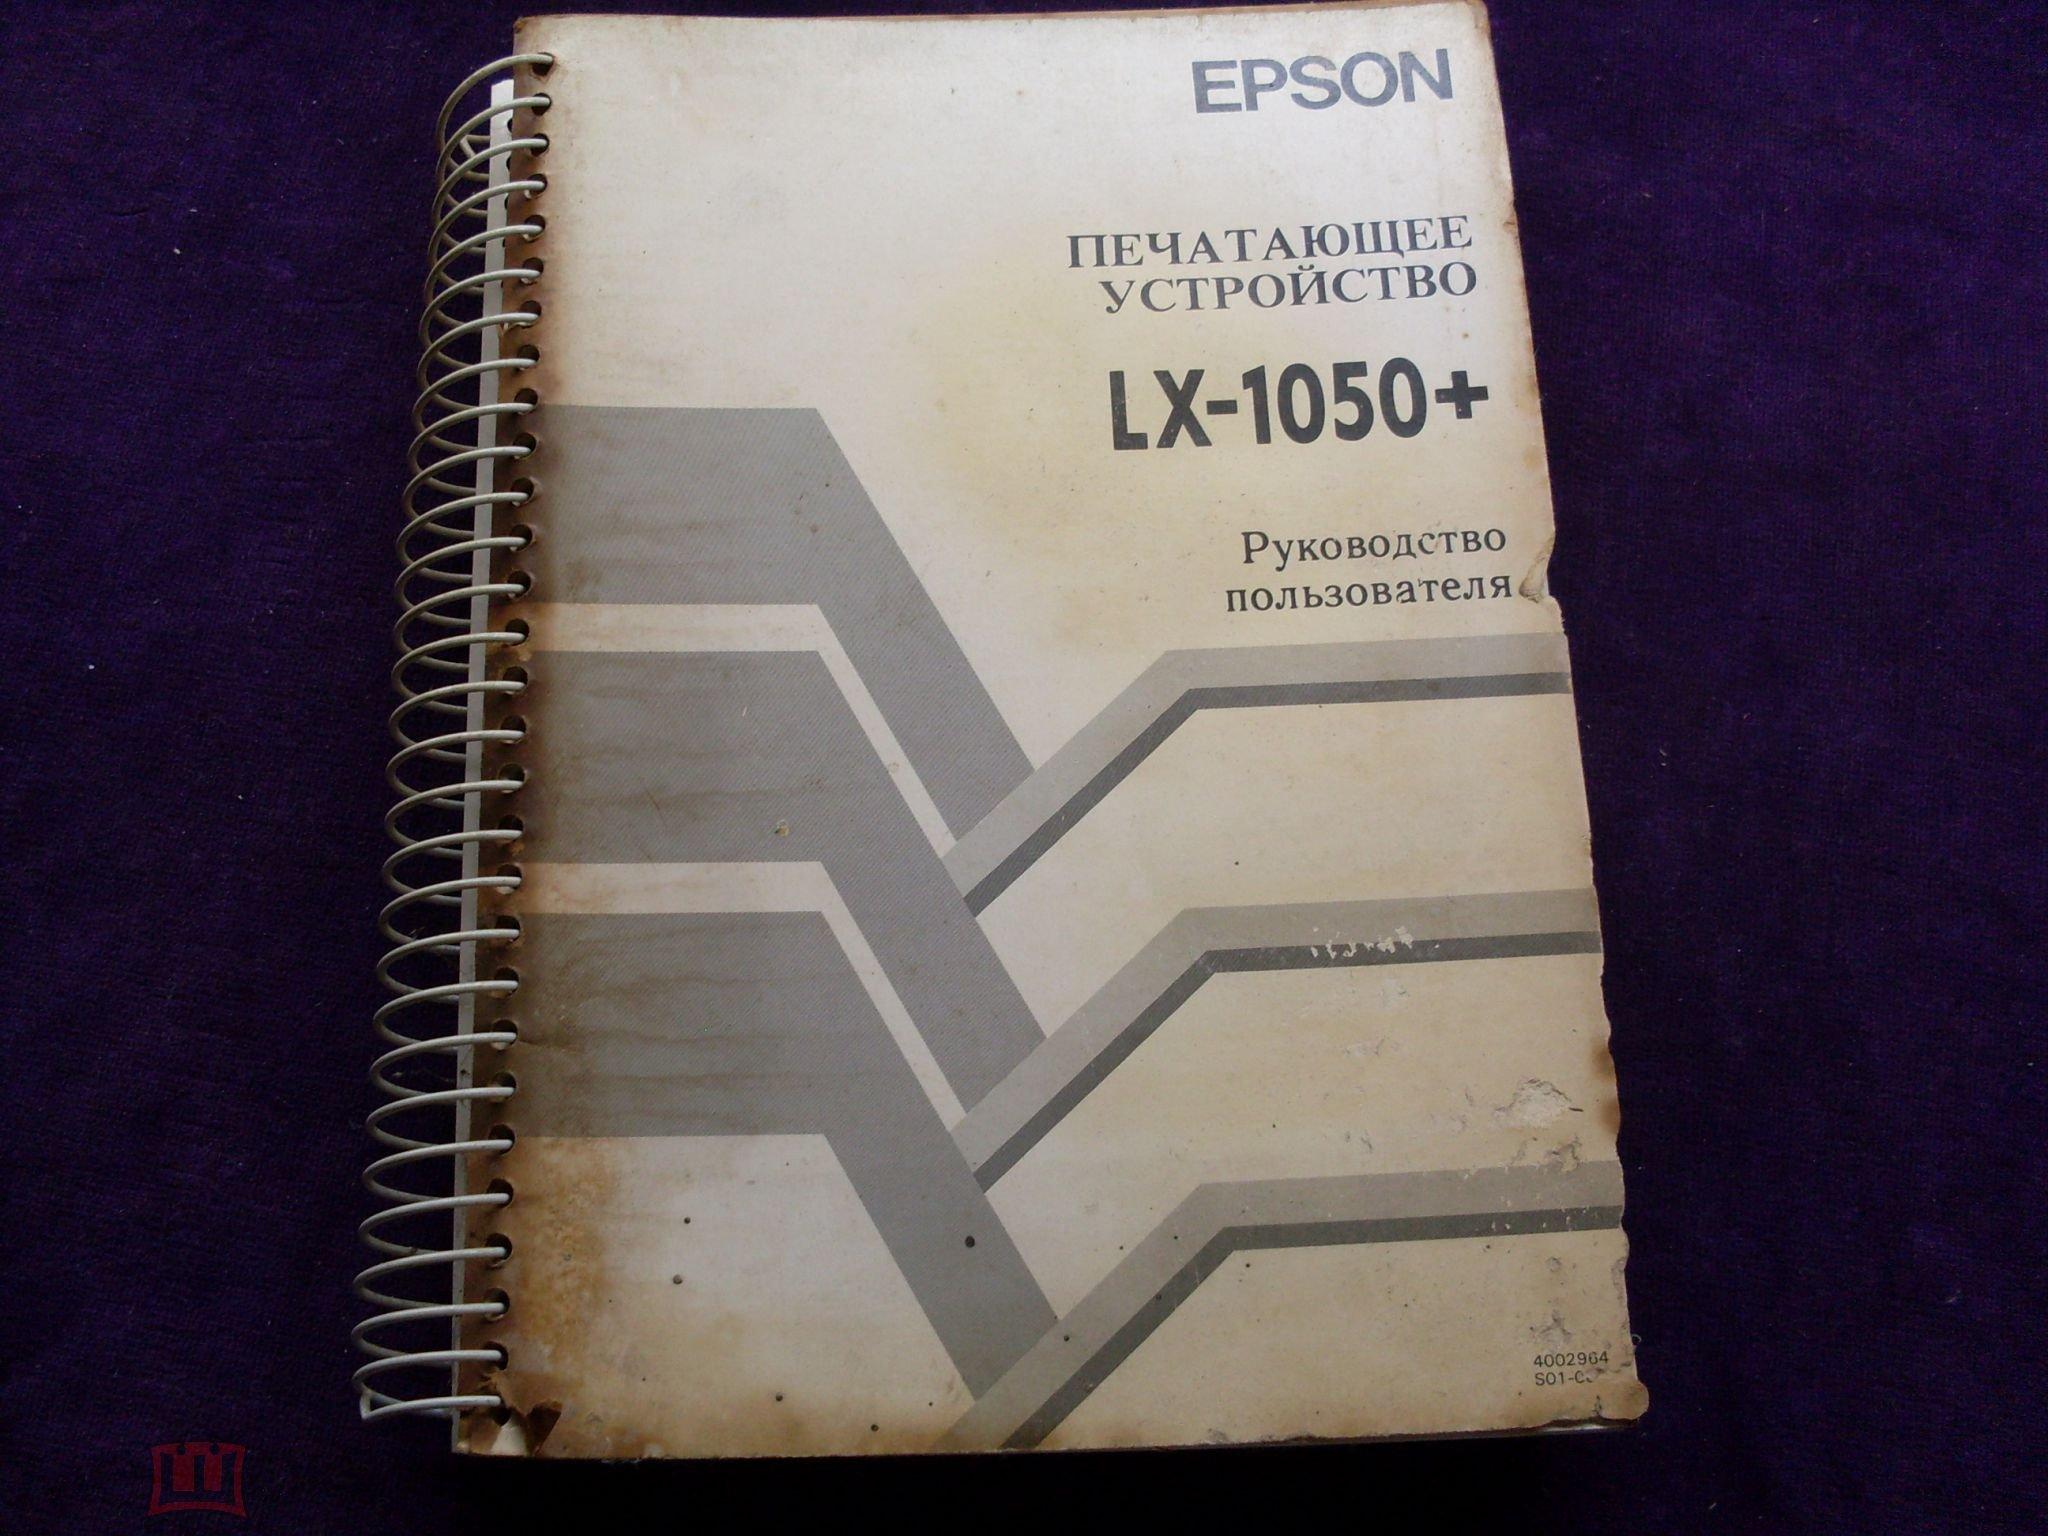 Инструкция по эксплуатации принтера epson